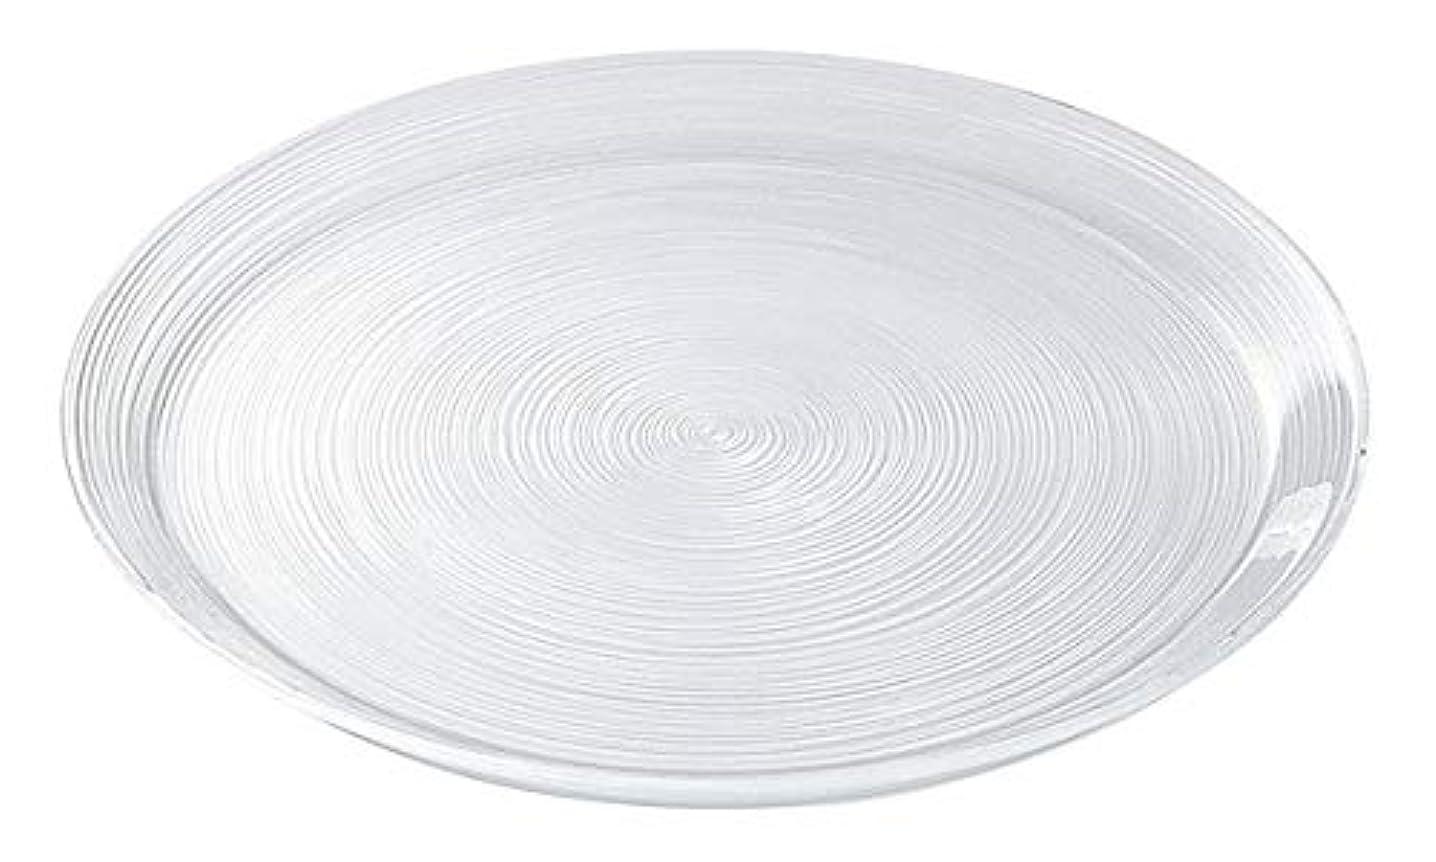 なめる高架小説細いラインが美しいガラス食器 イマージュ プレート27.5cm[プレート / 大皿]